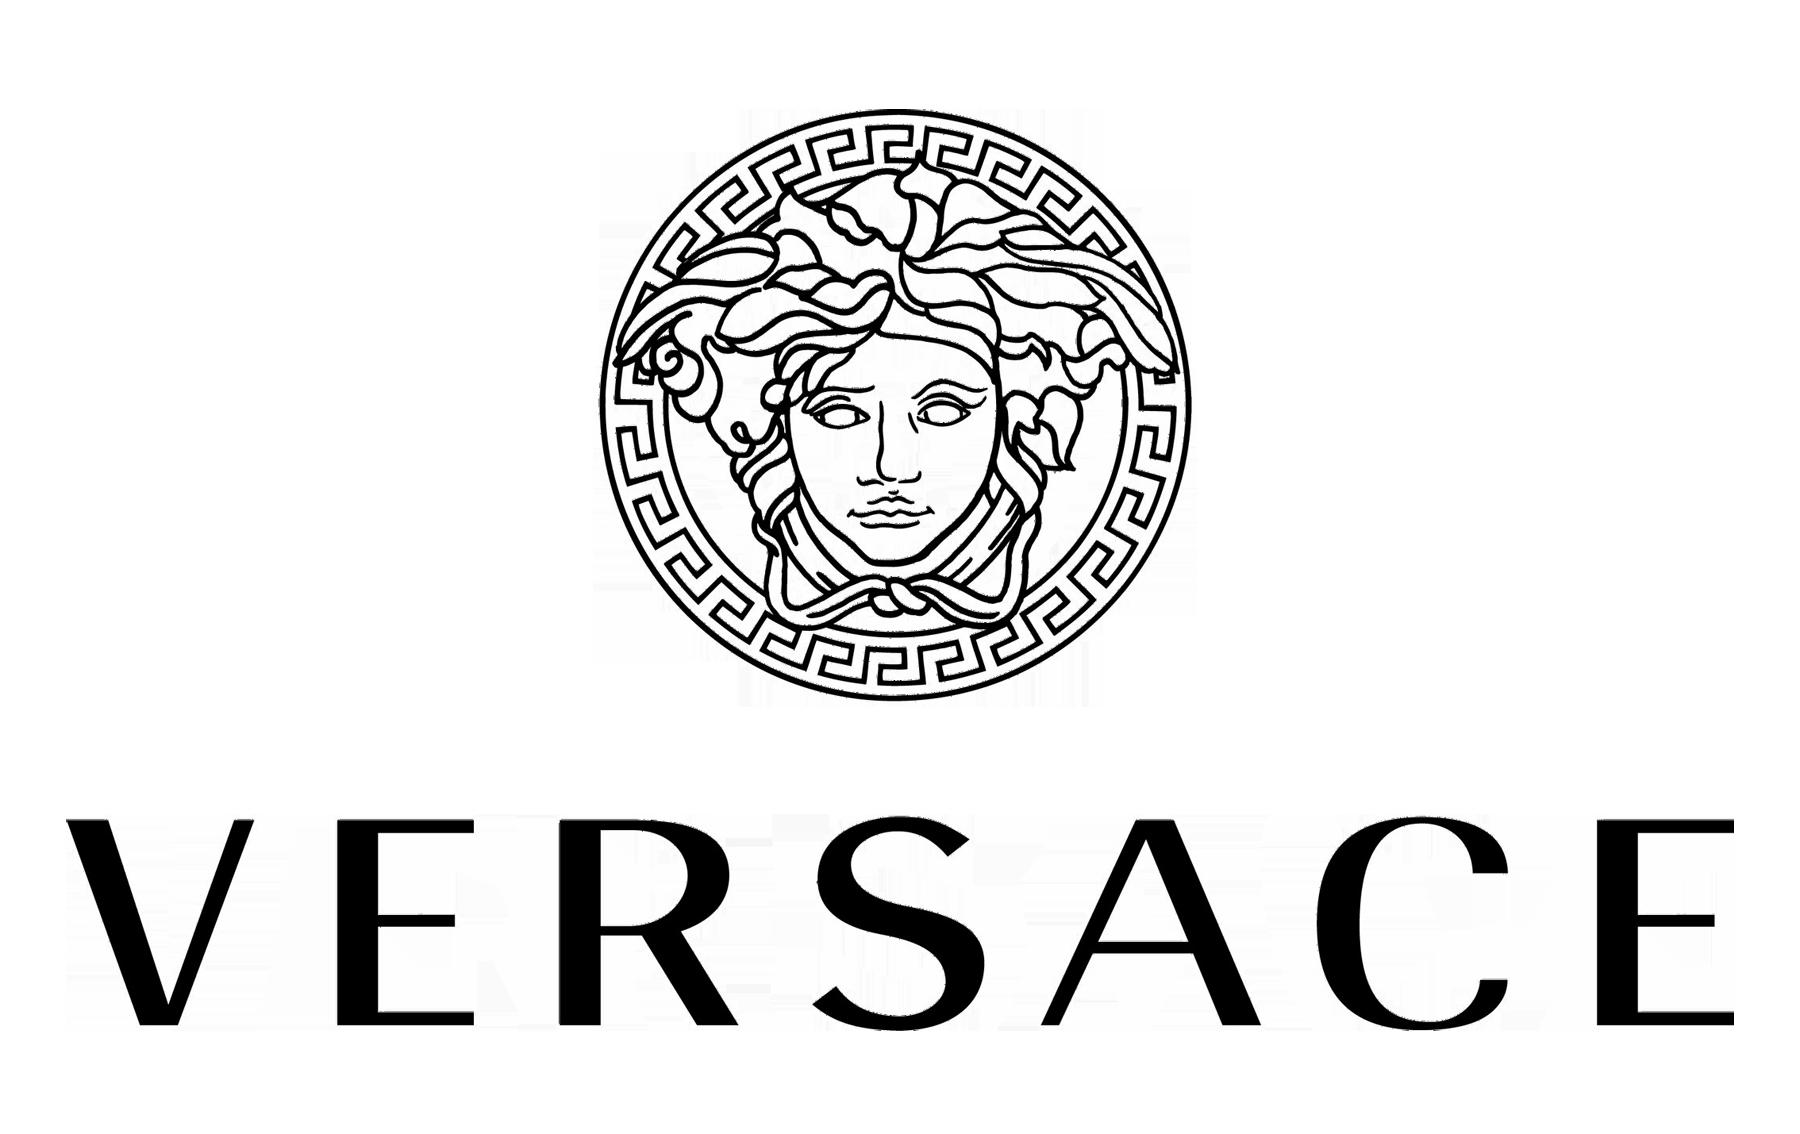 فرزاتشي Versace